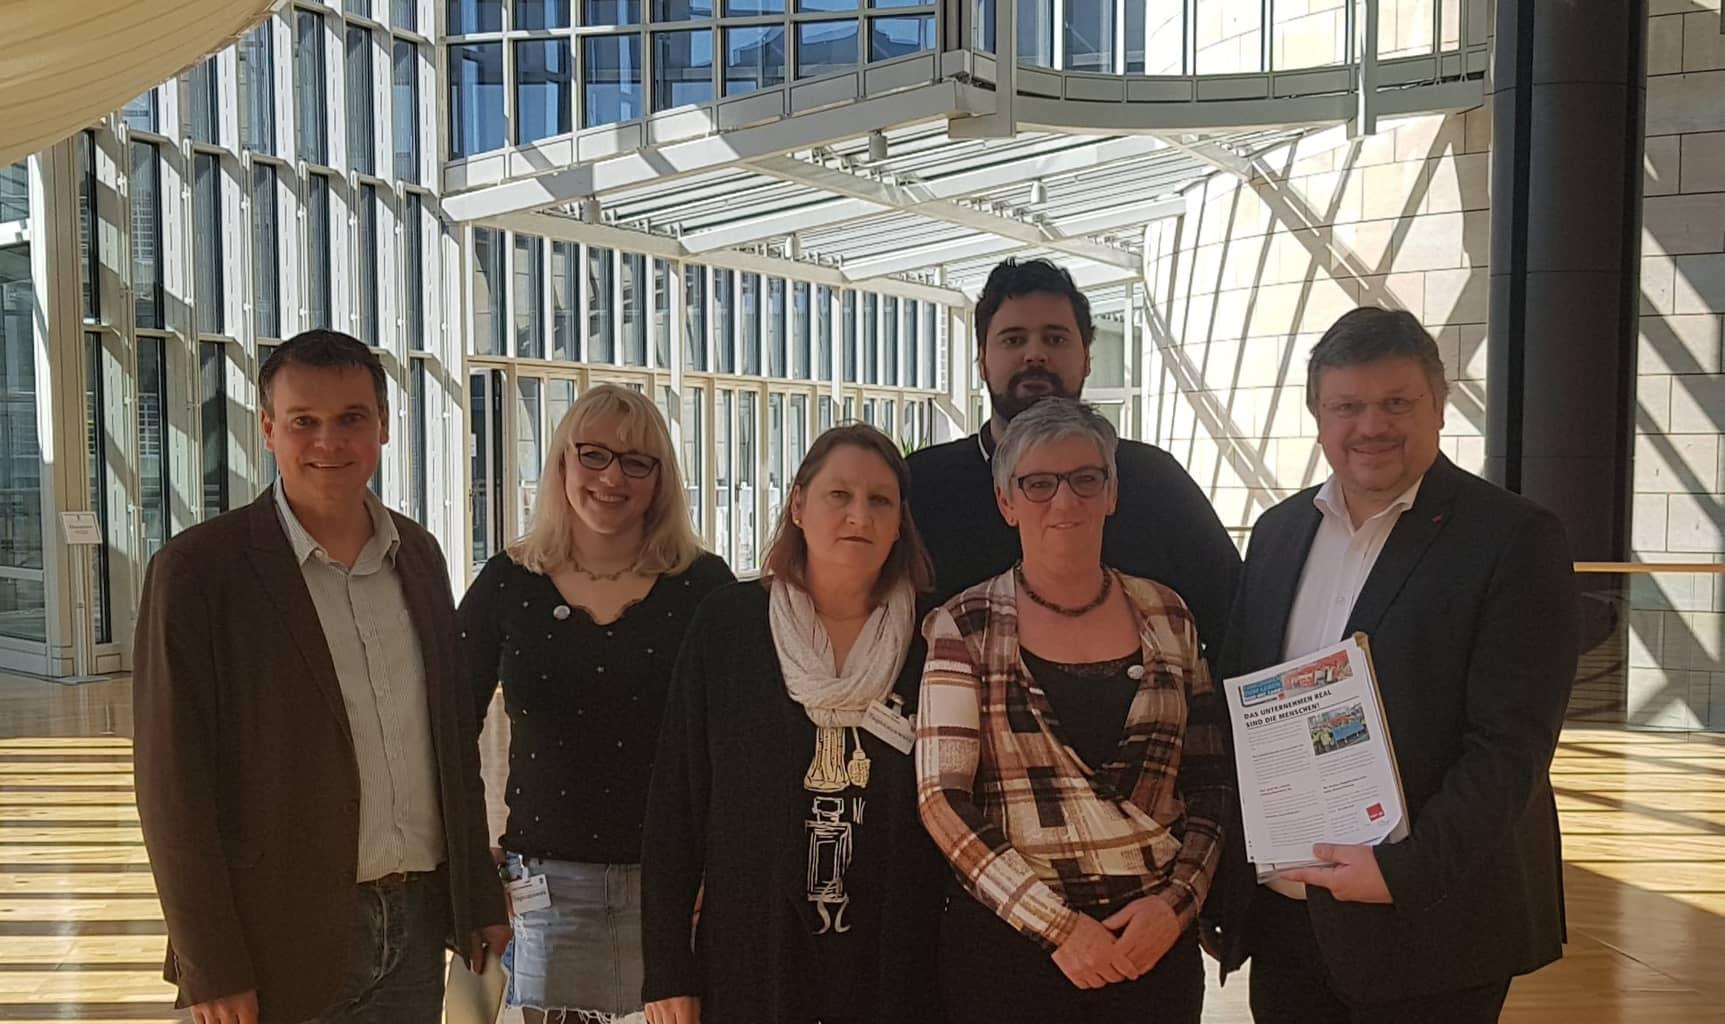 Andreas Rimkus MdB und Markus Weske MdL im Gespräch mit dem Düsseldorfer real-Betriebsrat und der Gewerkschaft verdi: Flucht in Dumping-Tarife muss ein Ende haben!